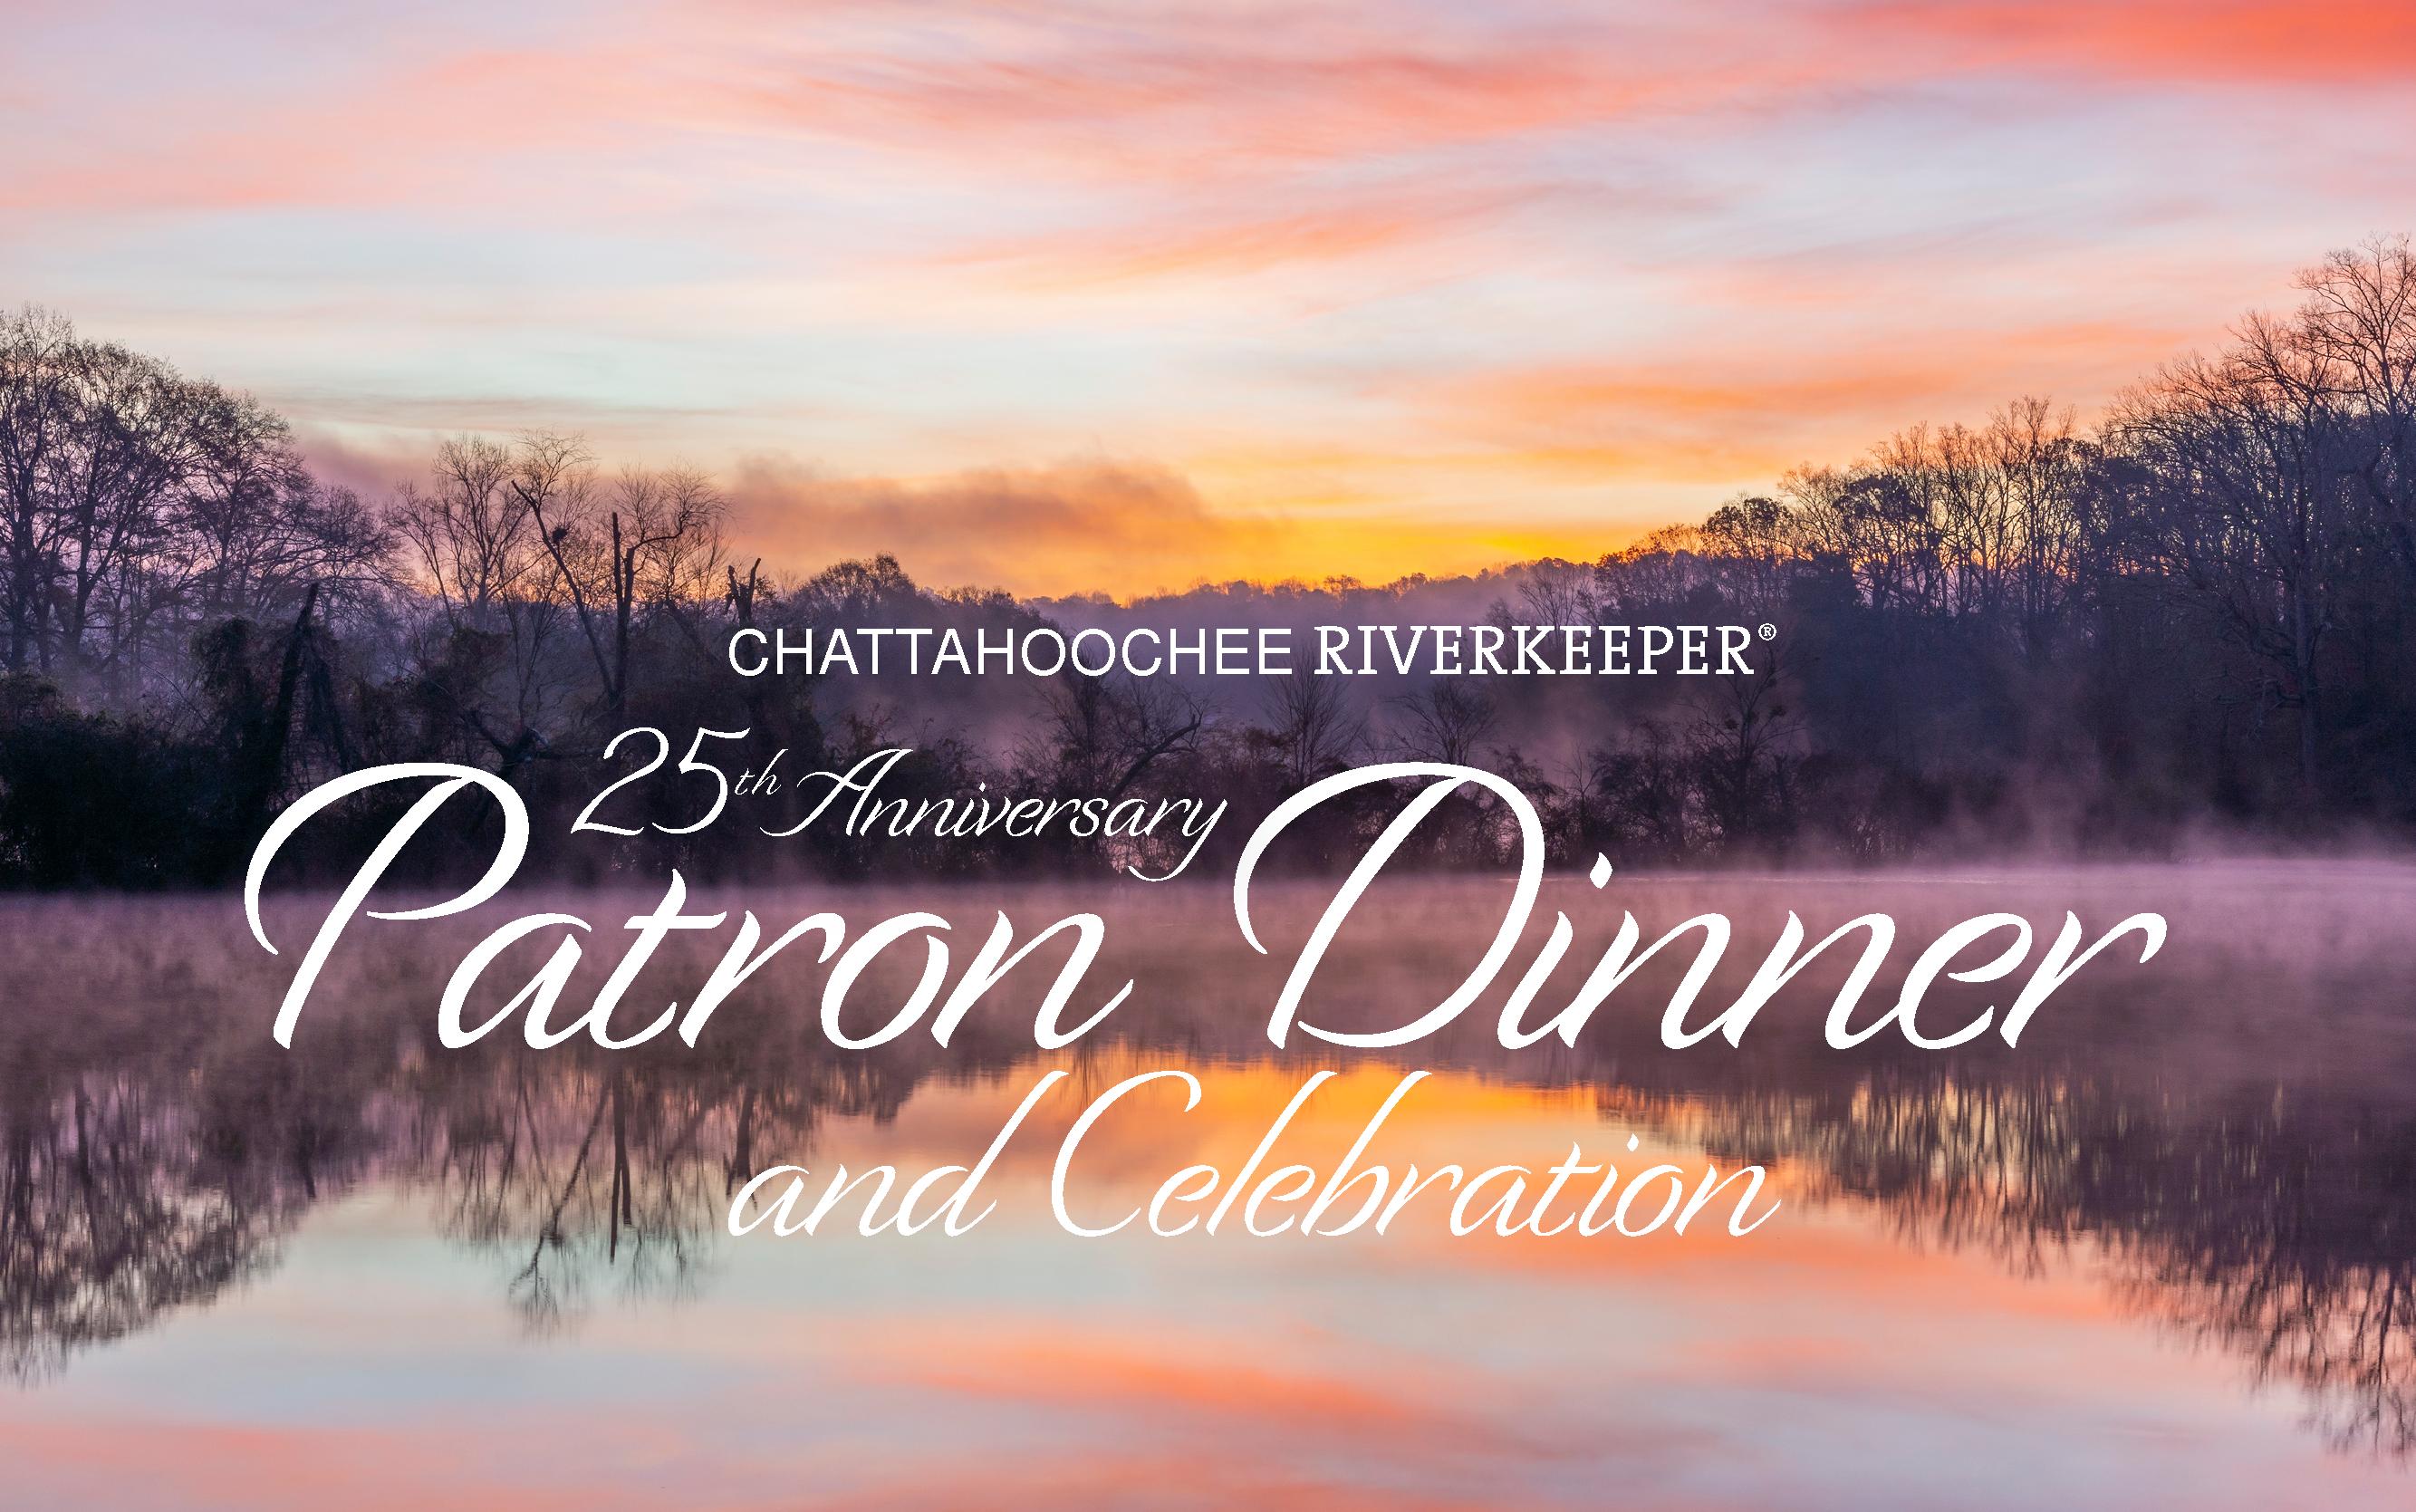 Patron Dinner – Chattahoochee Riverkeeper